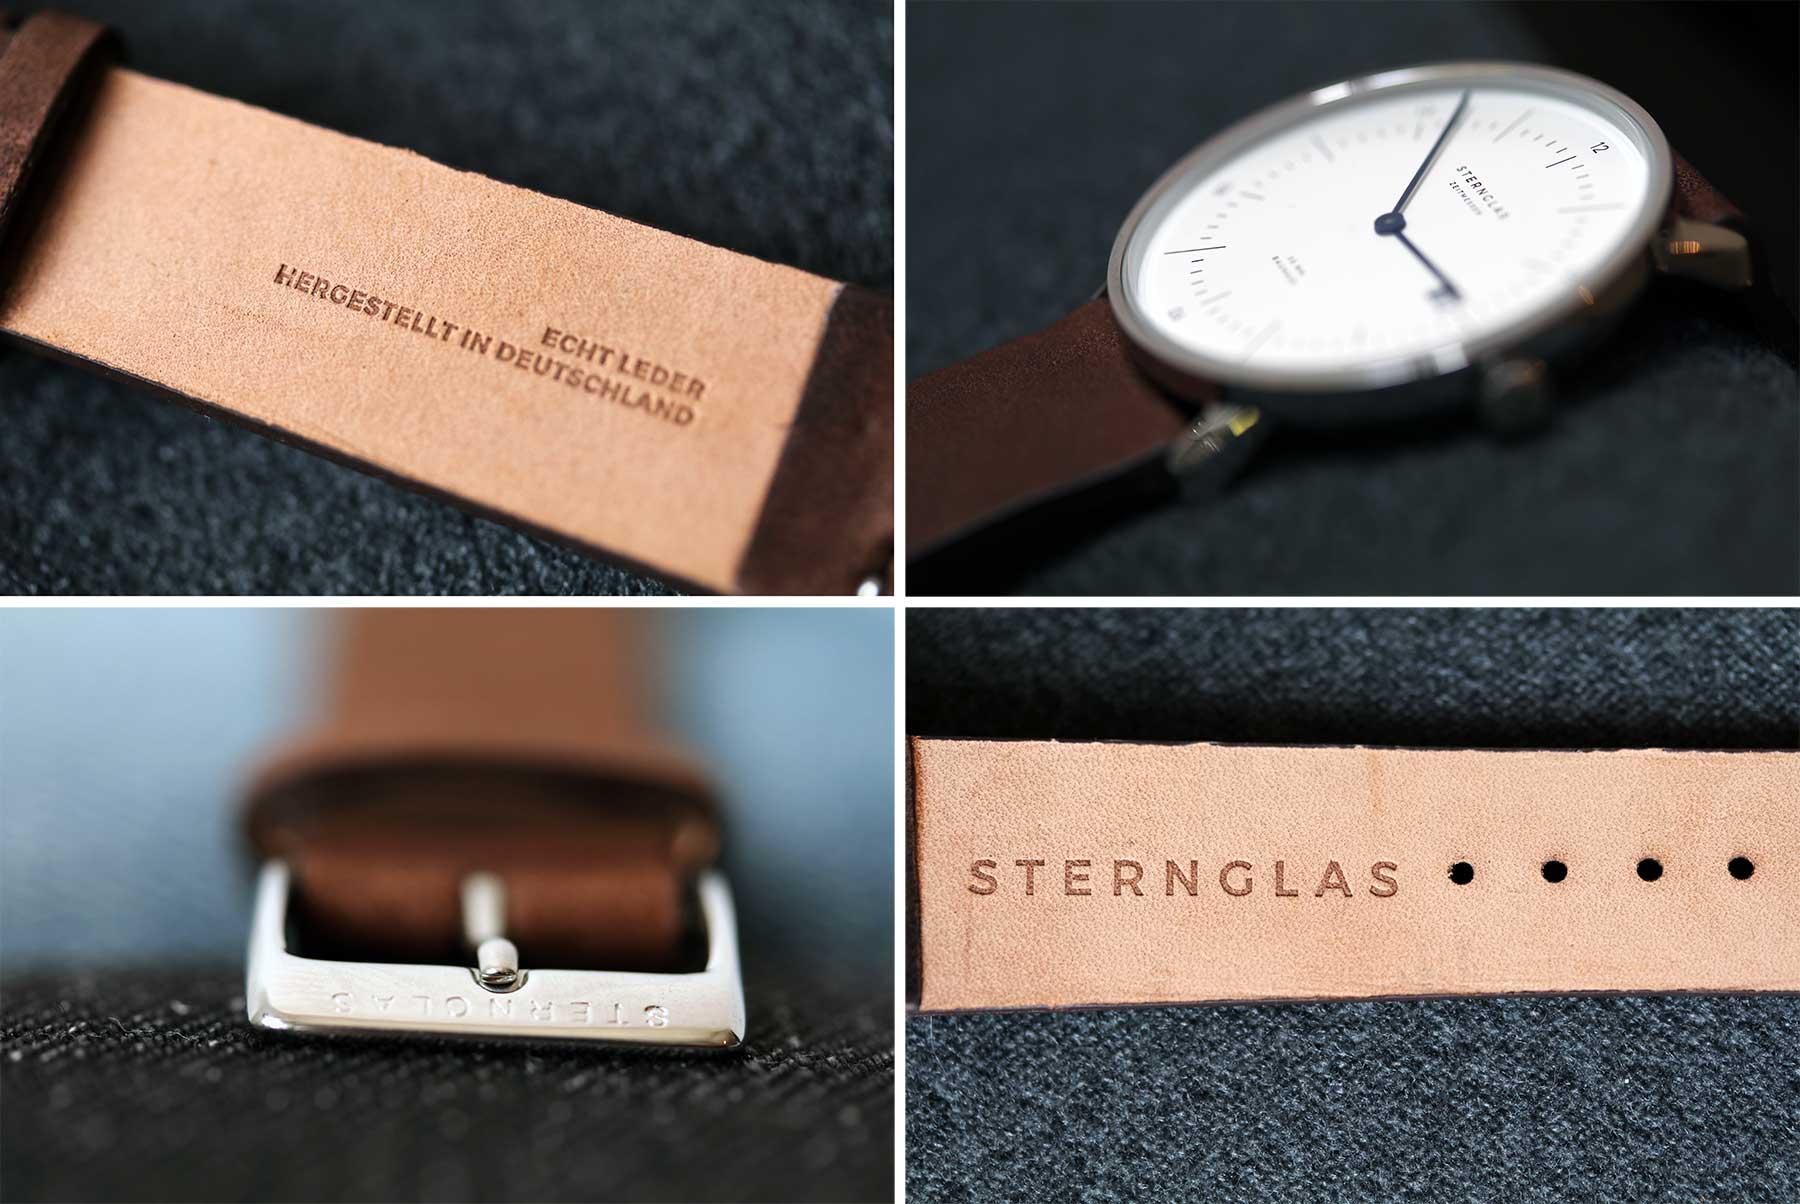 Die neuen Bauhaus-Uhren von STERNGLAS im Test: NAOS Sternglas-NAOS-Uhr-Test_06